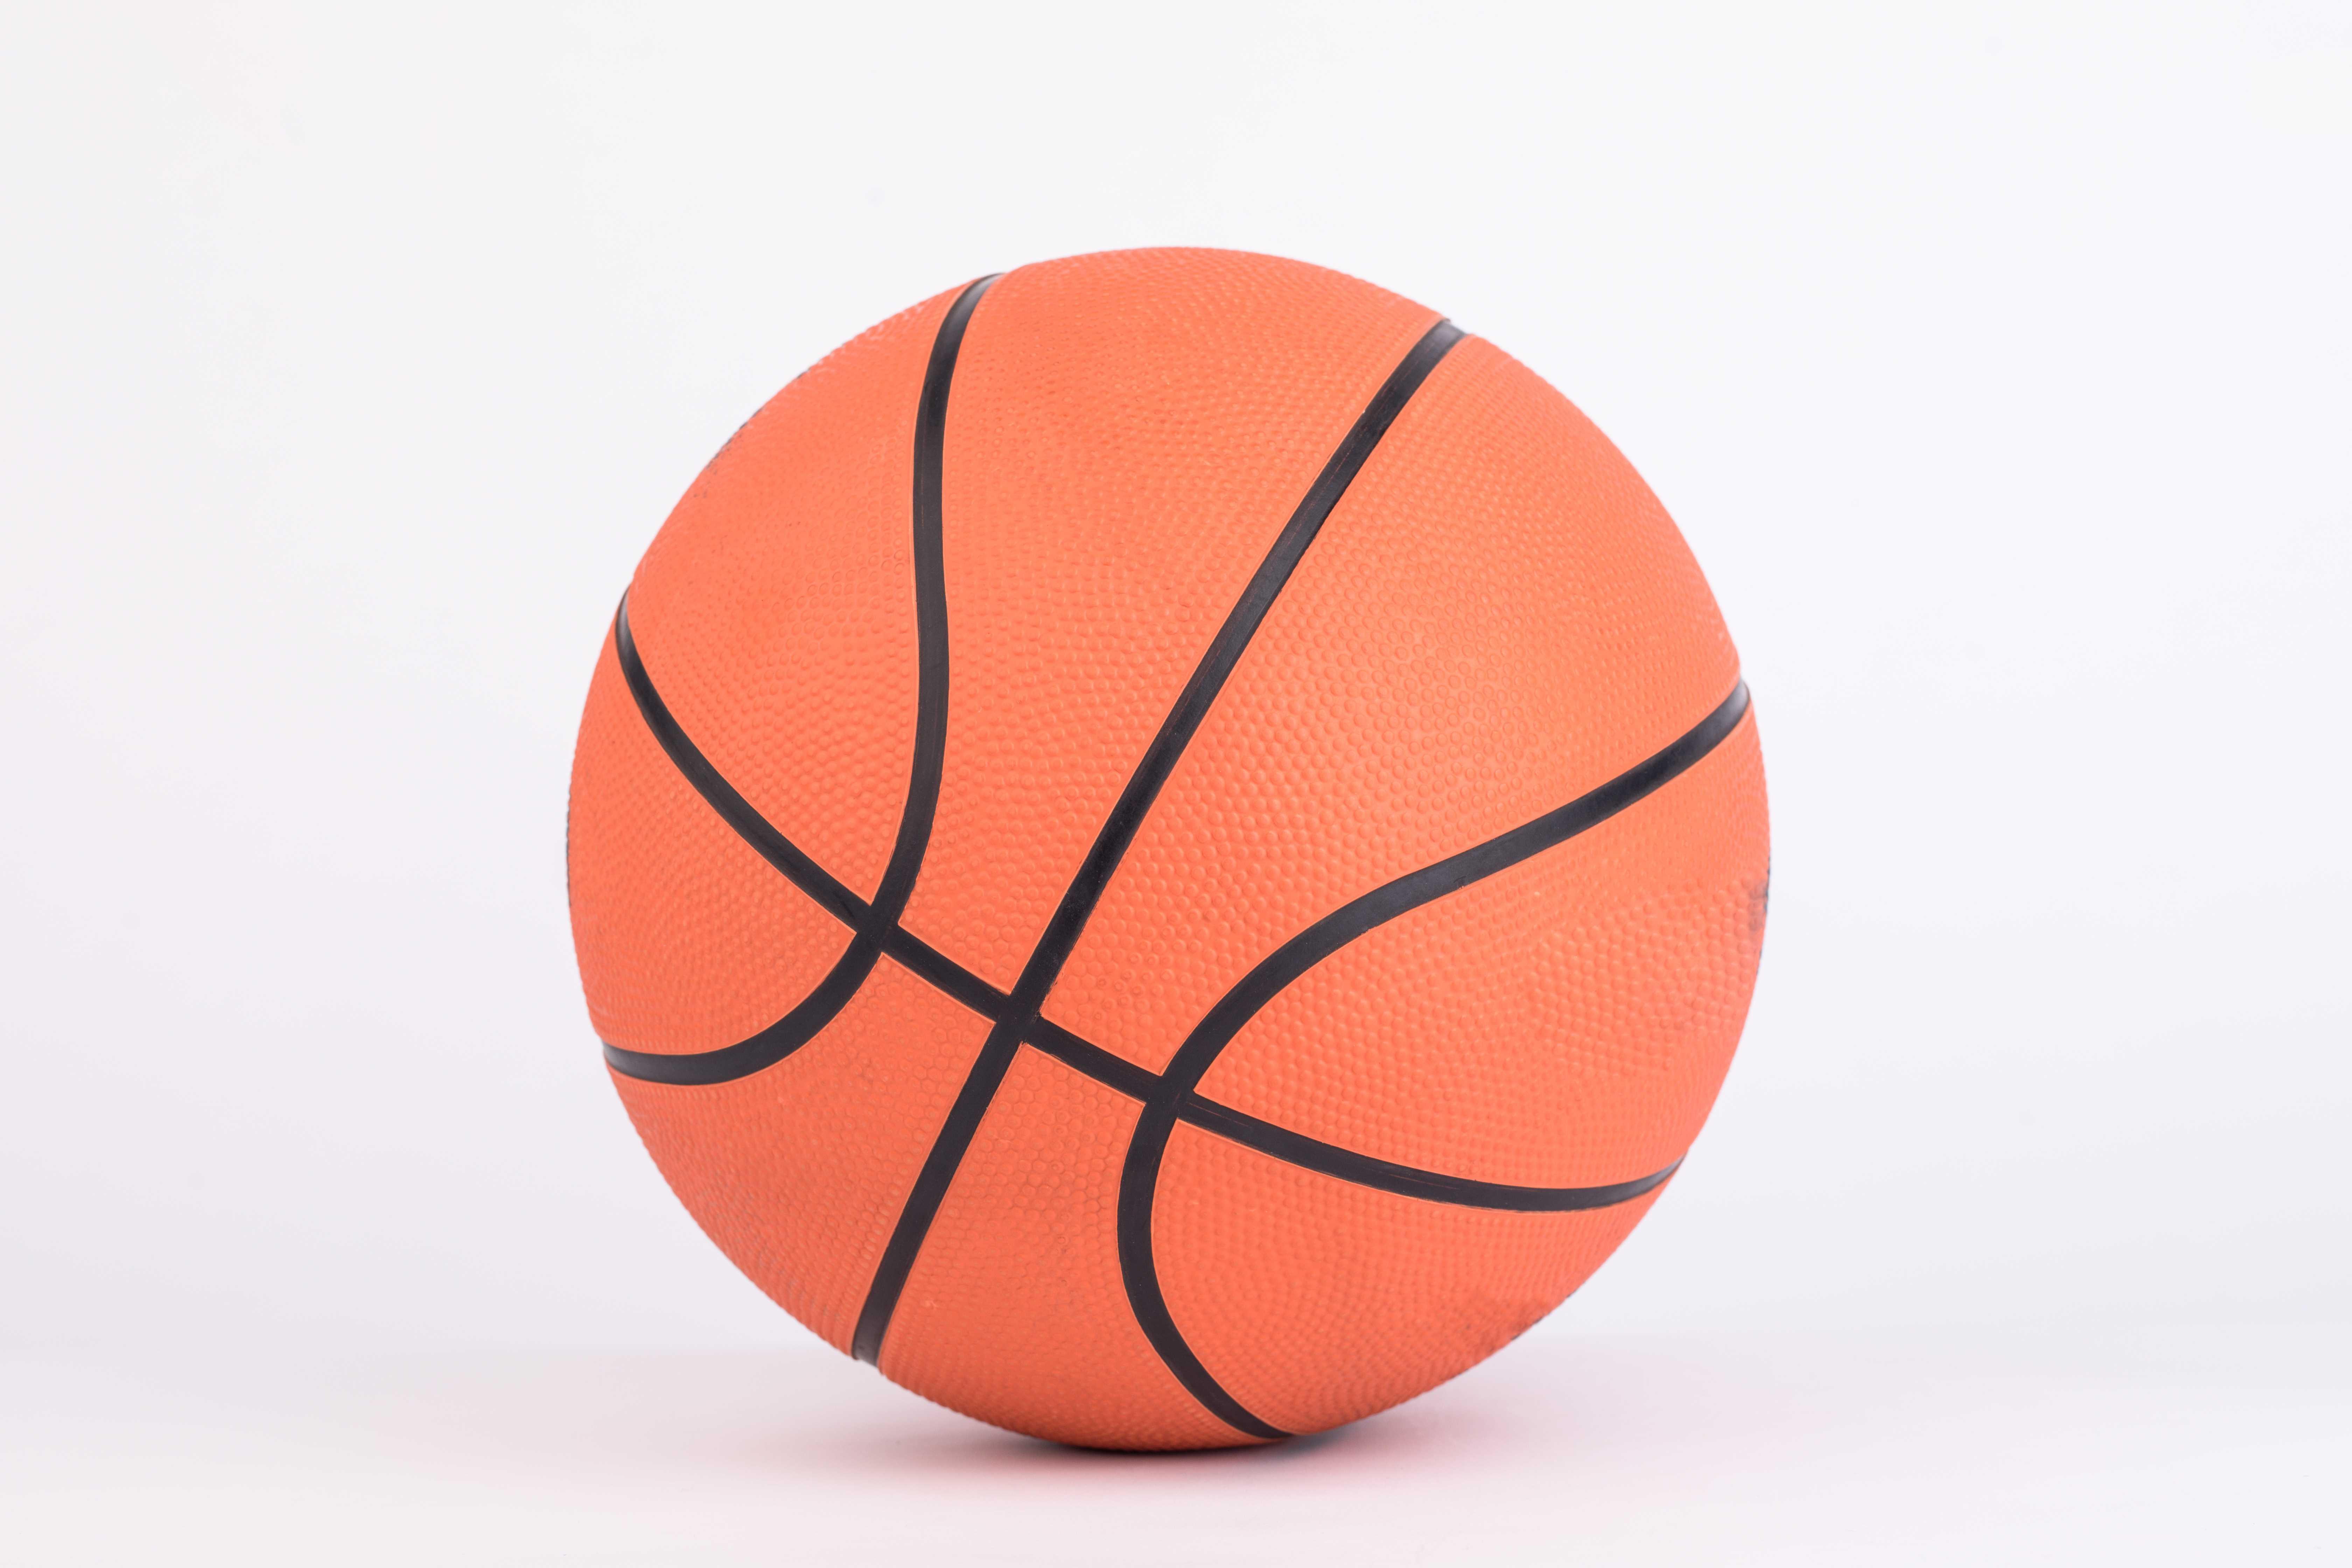 摄图网_501156236_篮球-非企业商用